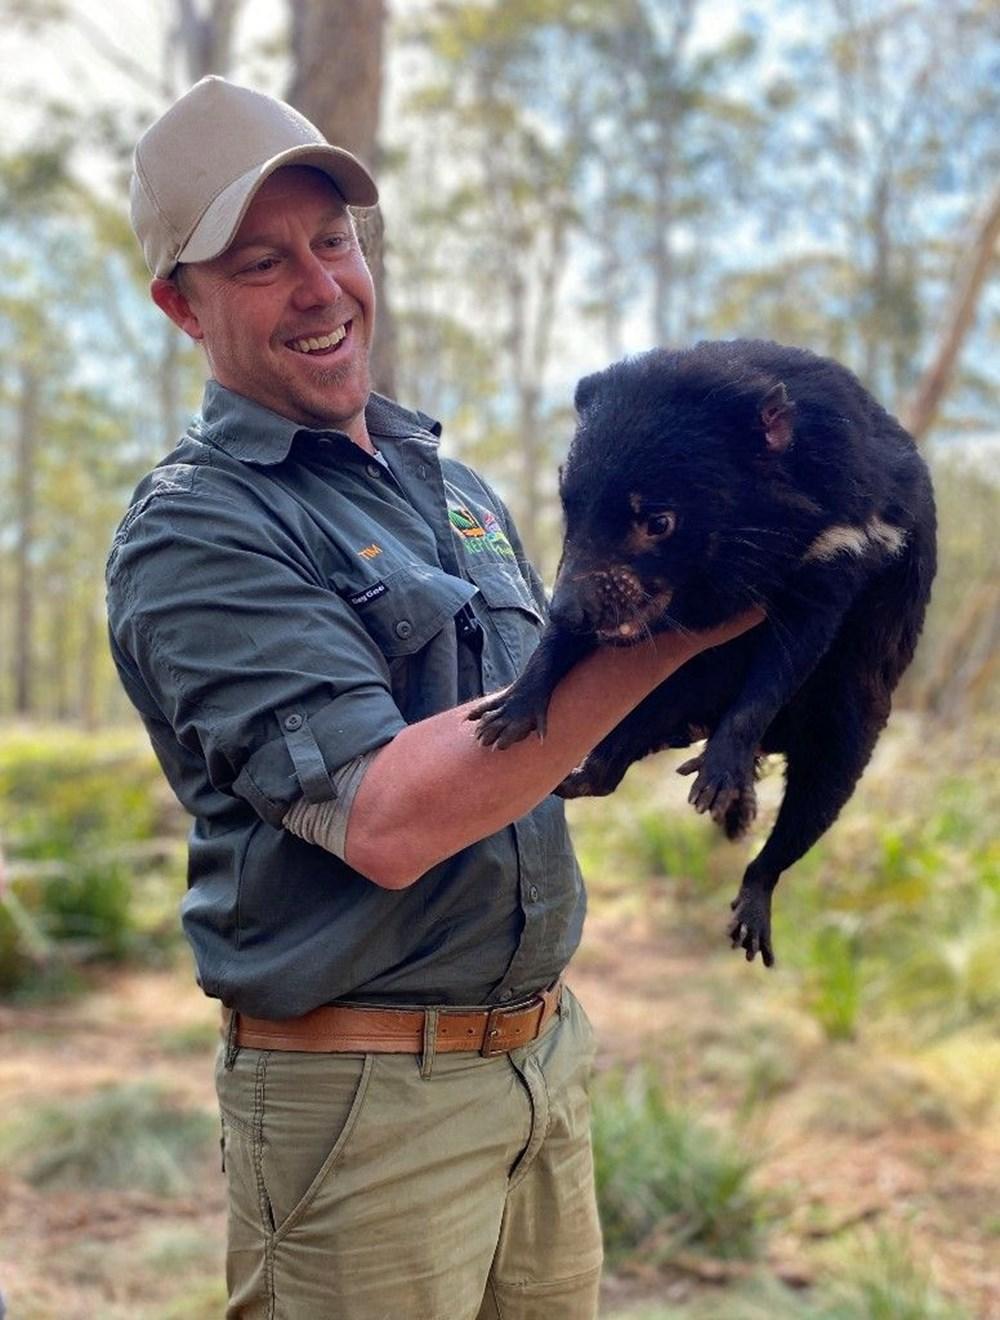 Tazmanya canavarı 3 bin yıl sonra Avustralya ana karasında doğdu: Yavru Joey dünyanın geleceğine dair umutları artırdı - 5